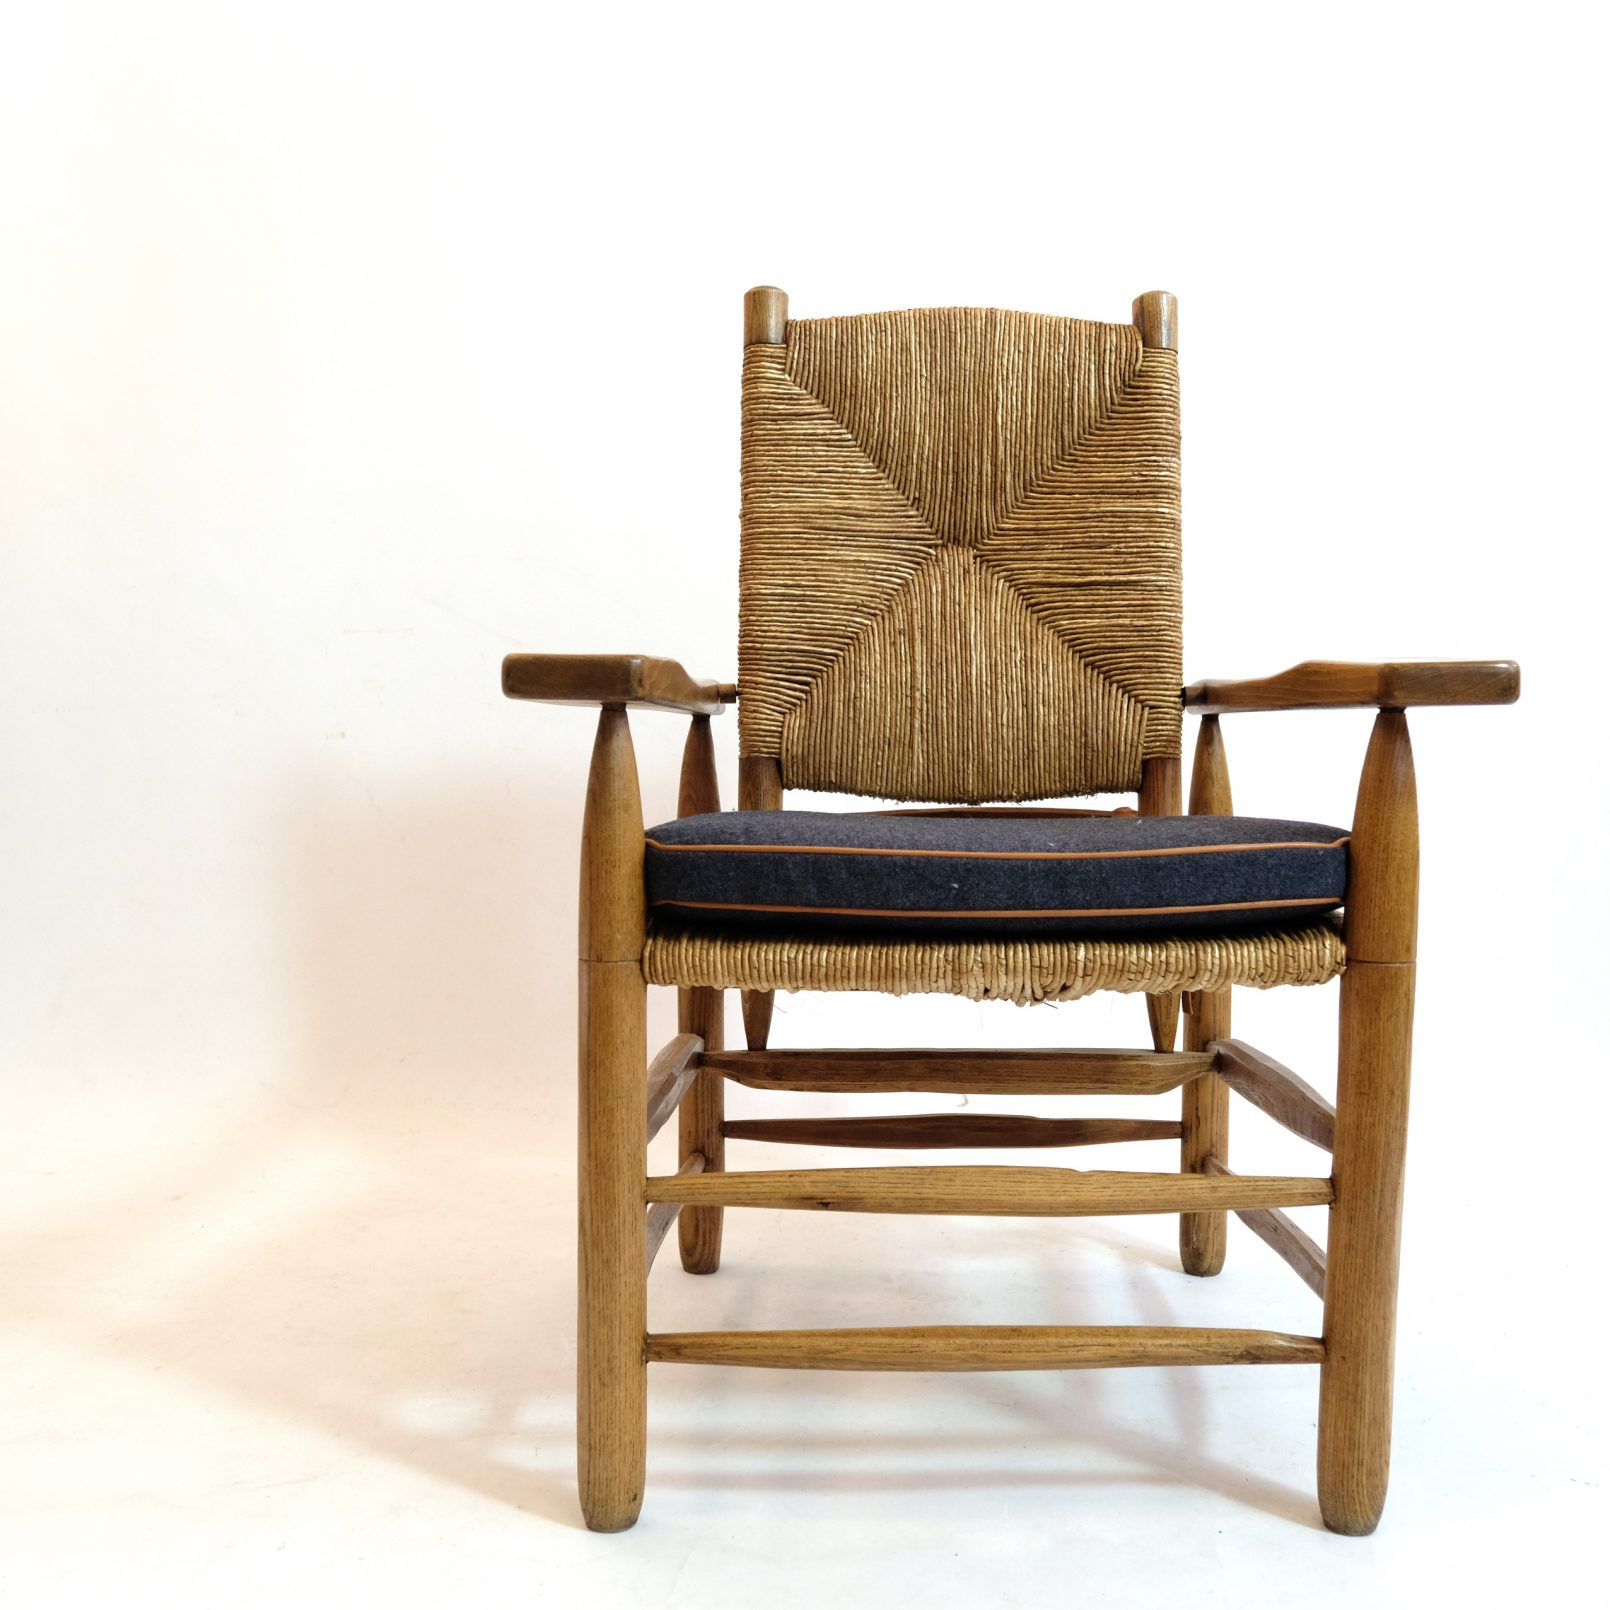 Pierre Jeanneret, straw armchair, 1945.